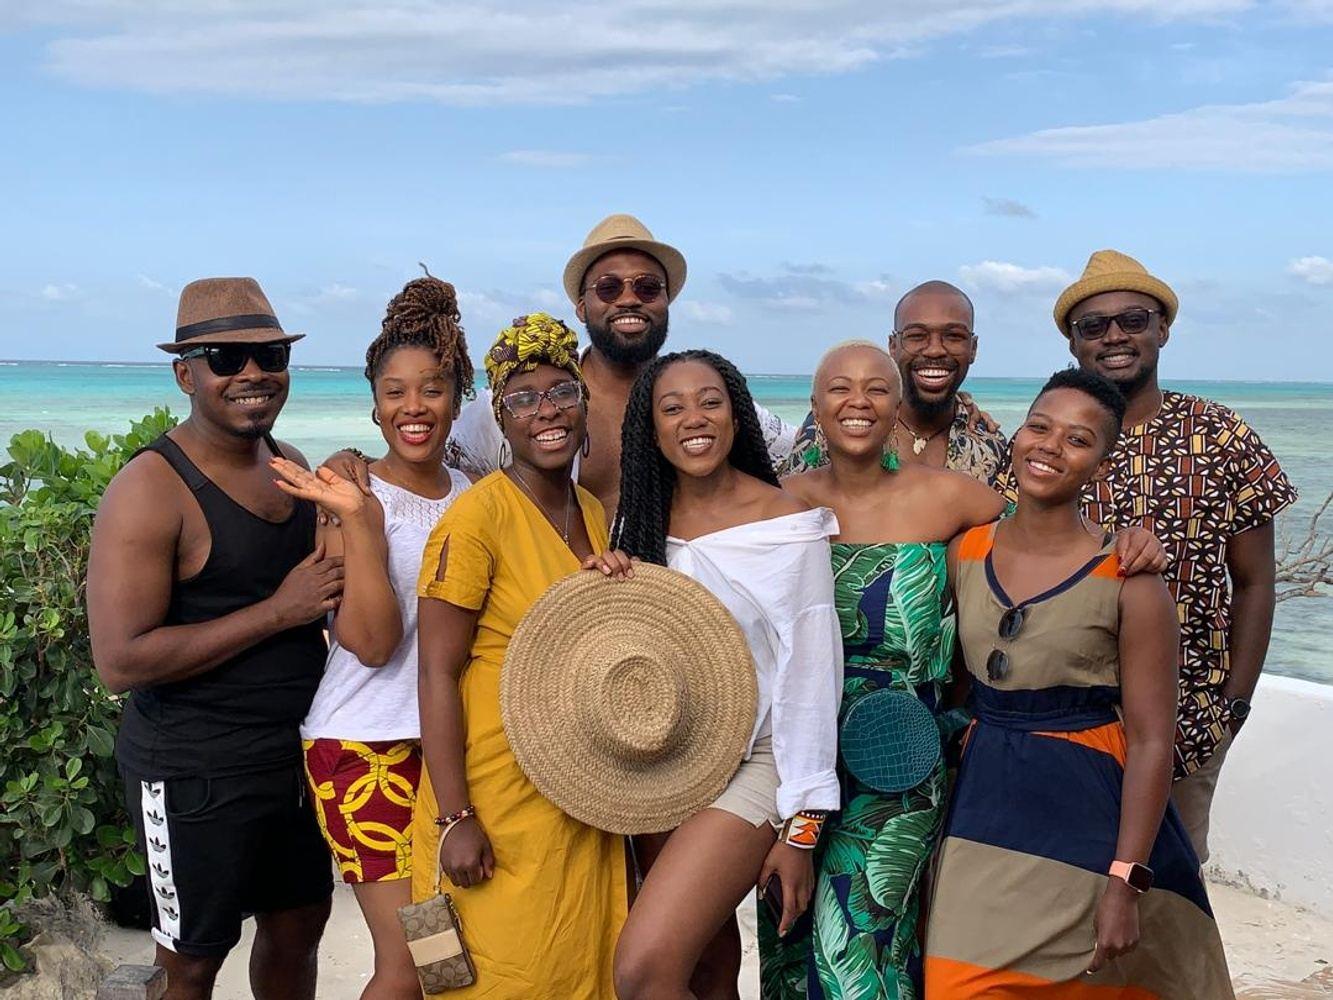 The Ghana Experience 2020